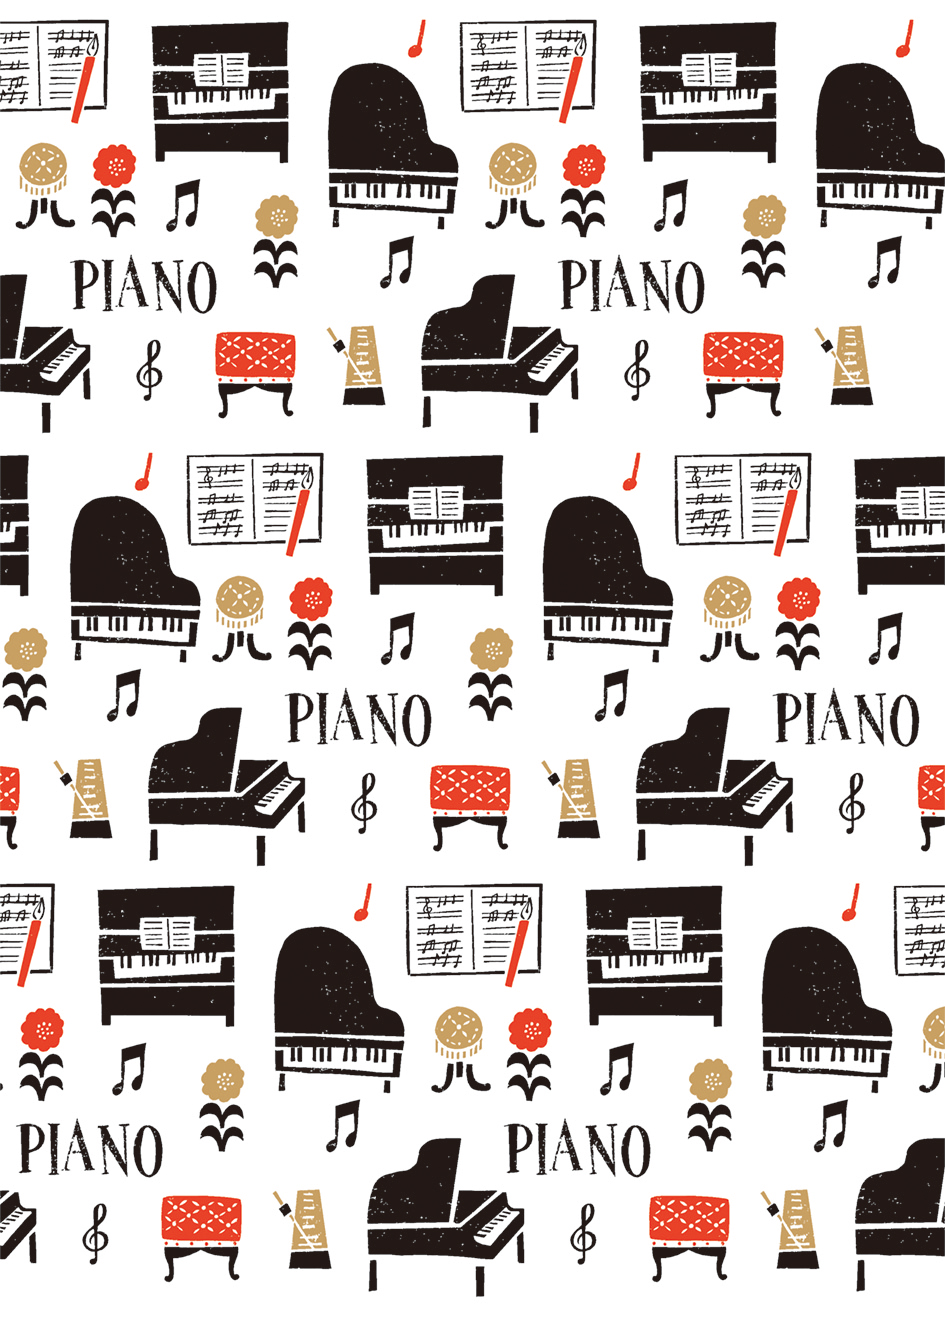 クリアファイル la la PIANO♪※在庫有りと書いてあっても、お取り寄せ商品は受注後にメーカー注文になります。※☆【音符・小物グッズ-音楽雑貨】【音楽雑貨】  音楽グッズ  <br>バレエ発表会 記念品 プレゼントに最適 ♪